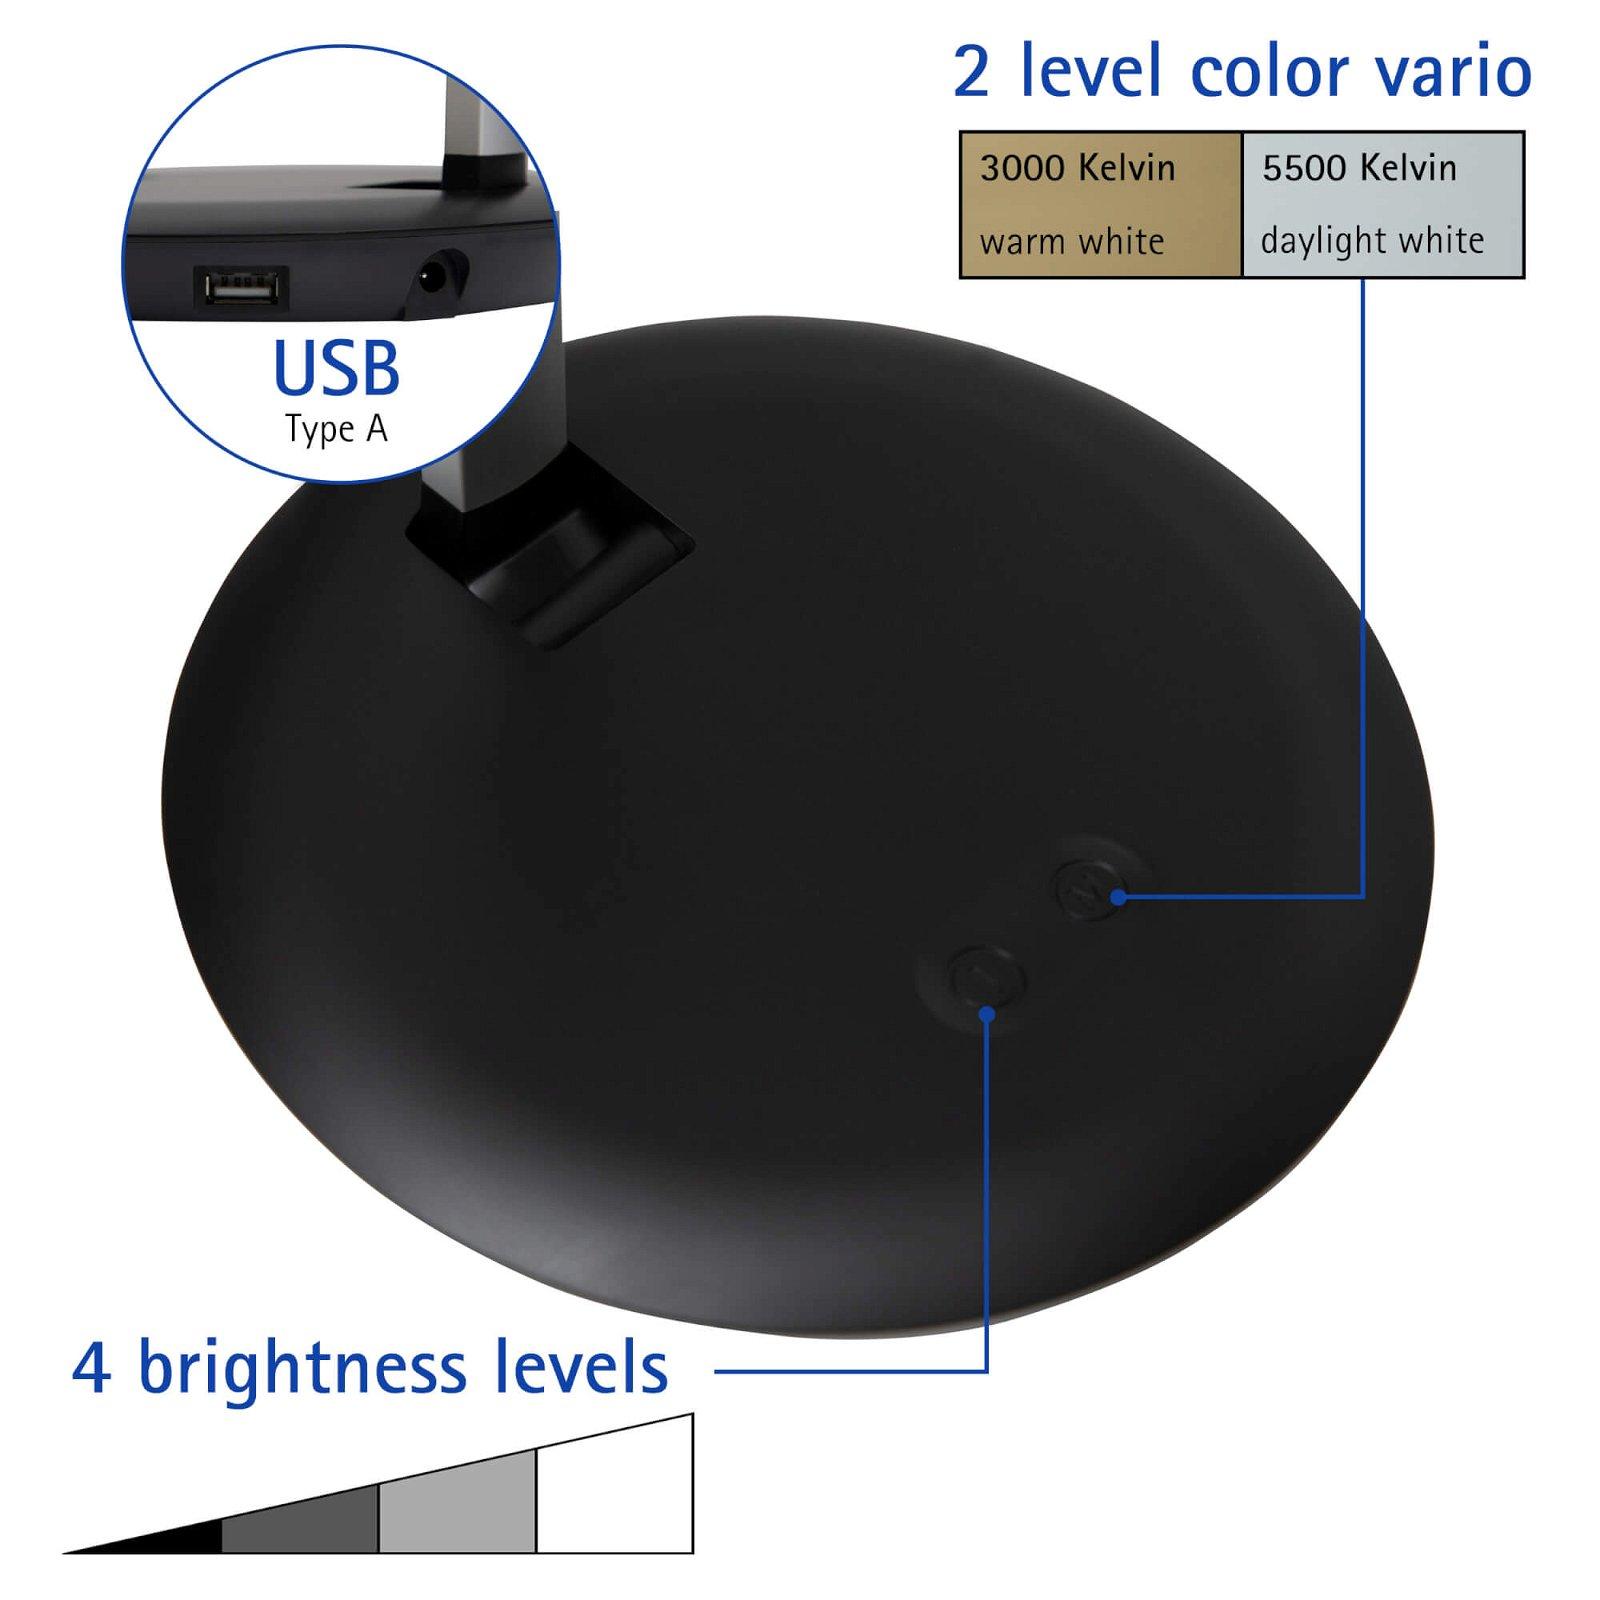 LED-Tischleuchte MAULrubia colour vario